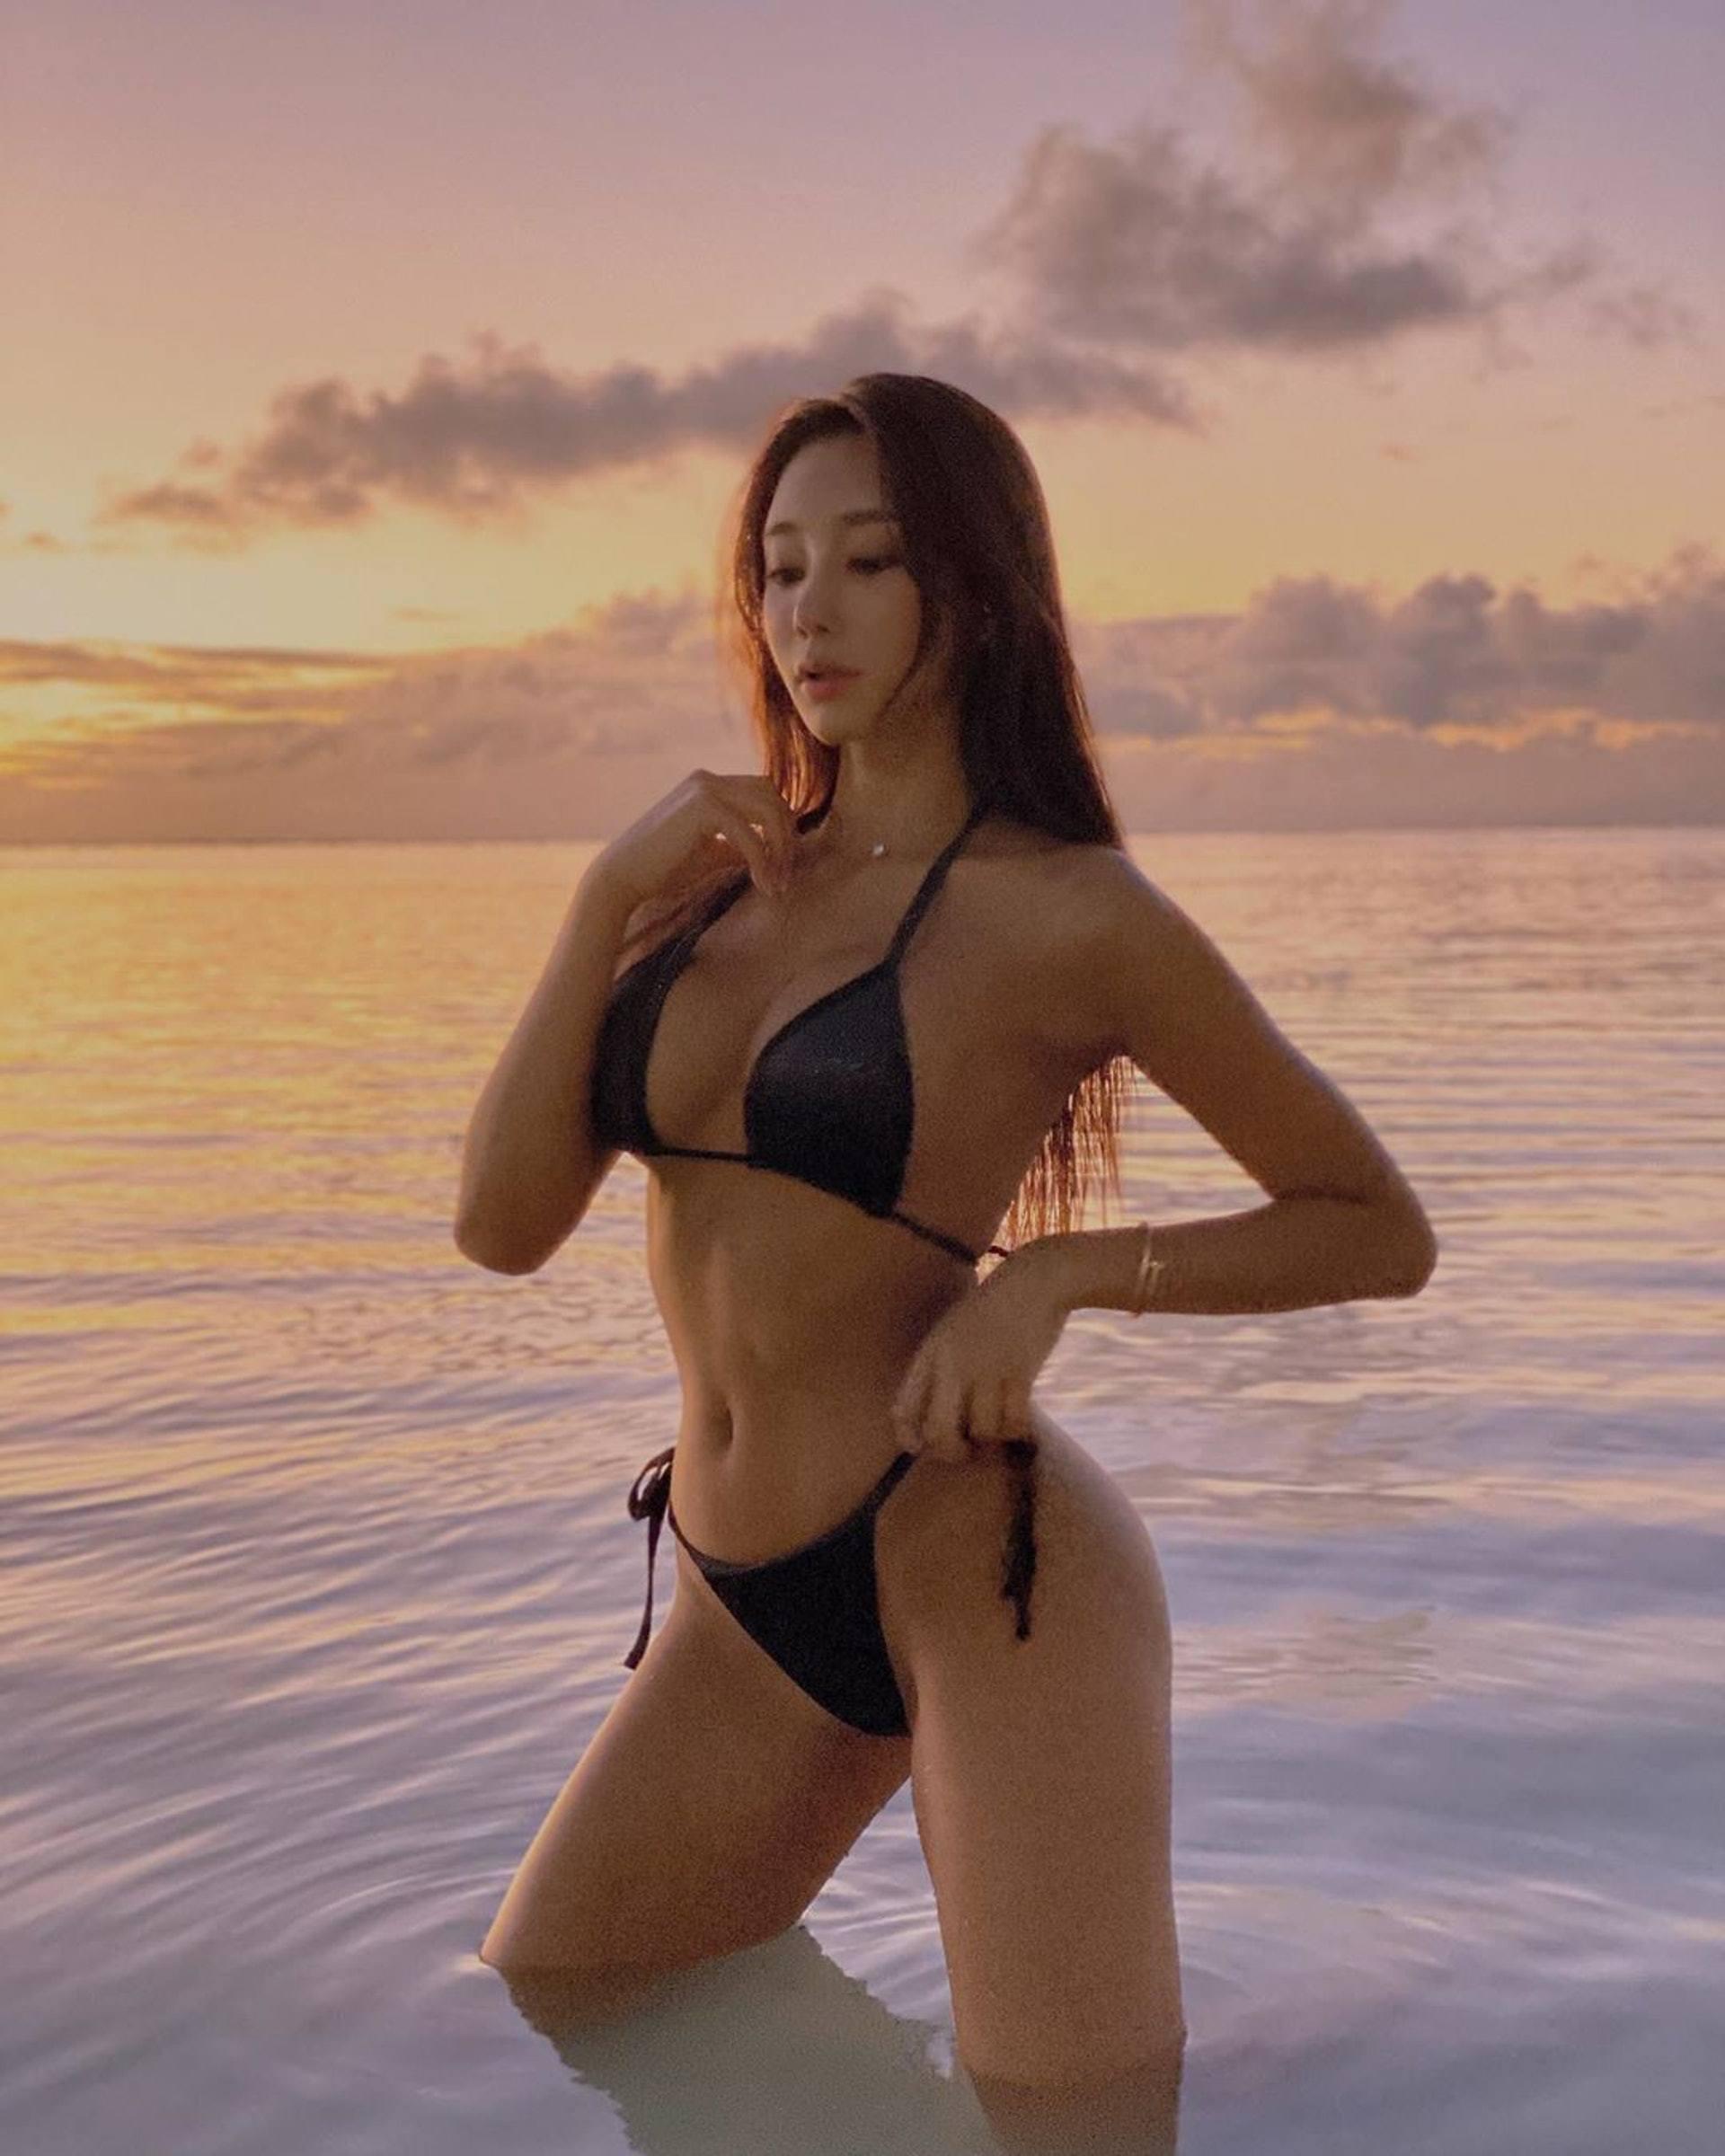 韩国健美小姐吴彩源半裸拍杂志,大晒蚂蚁腰展现健康性感美插图(2)